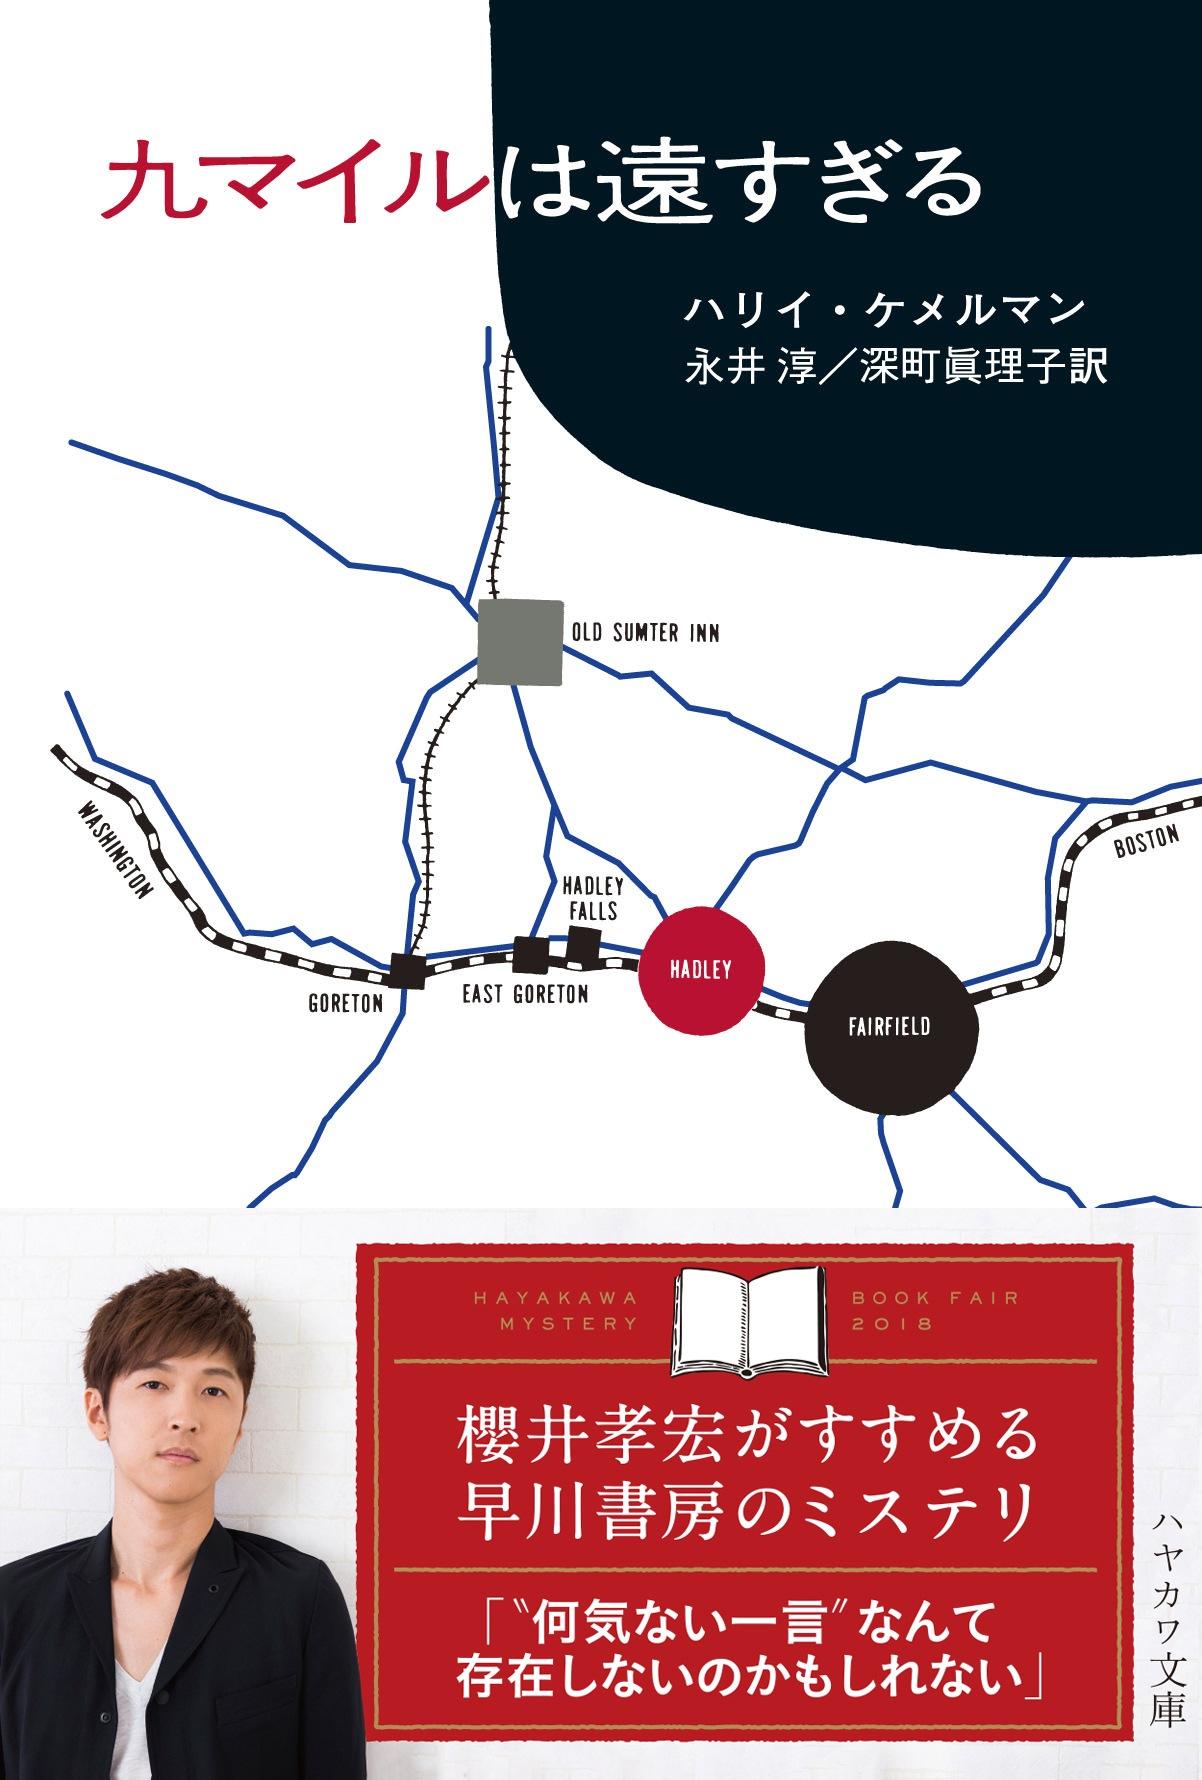 https://gigaplus.makeshop.jp/HOL2014BtoC/news/sakurai-mysteryfair-obi-9miles.jpg